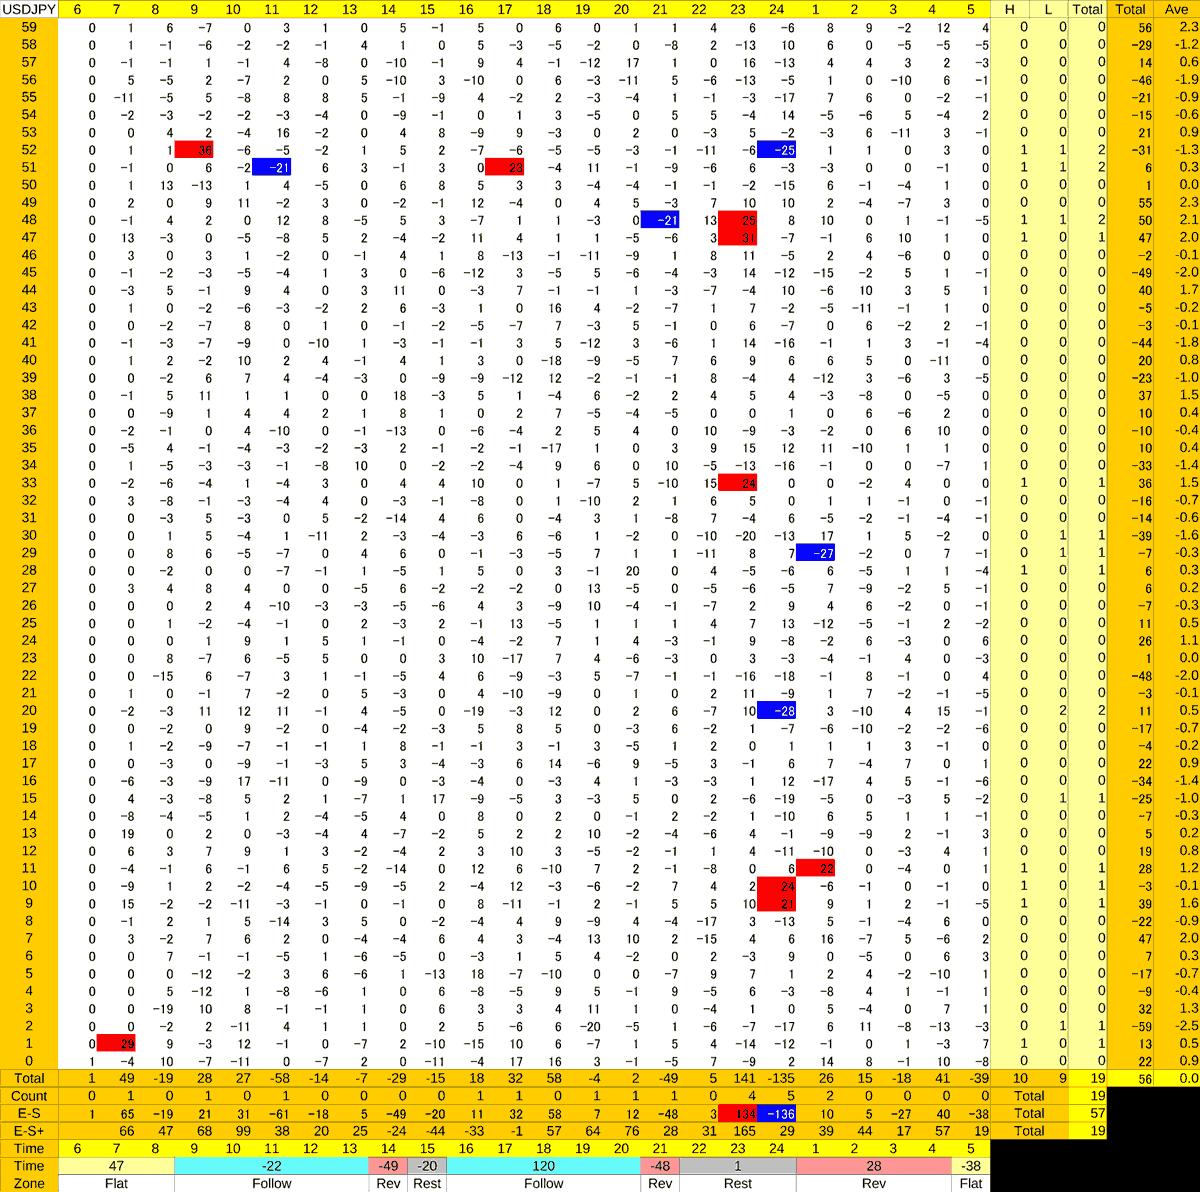 20210125_HS(1)USDJPY